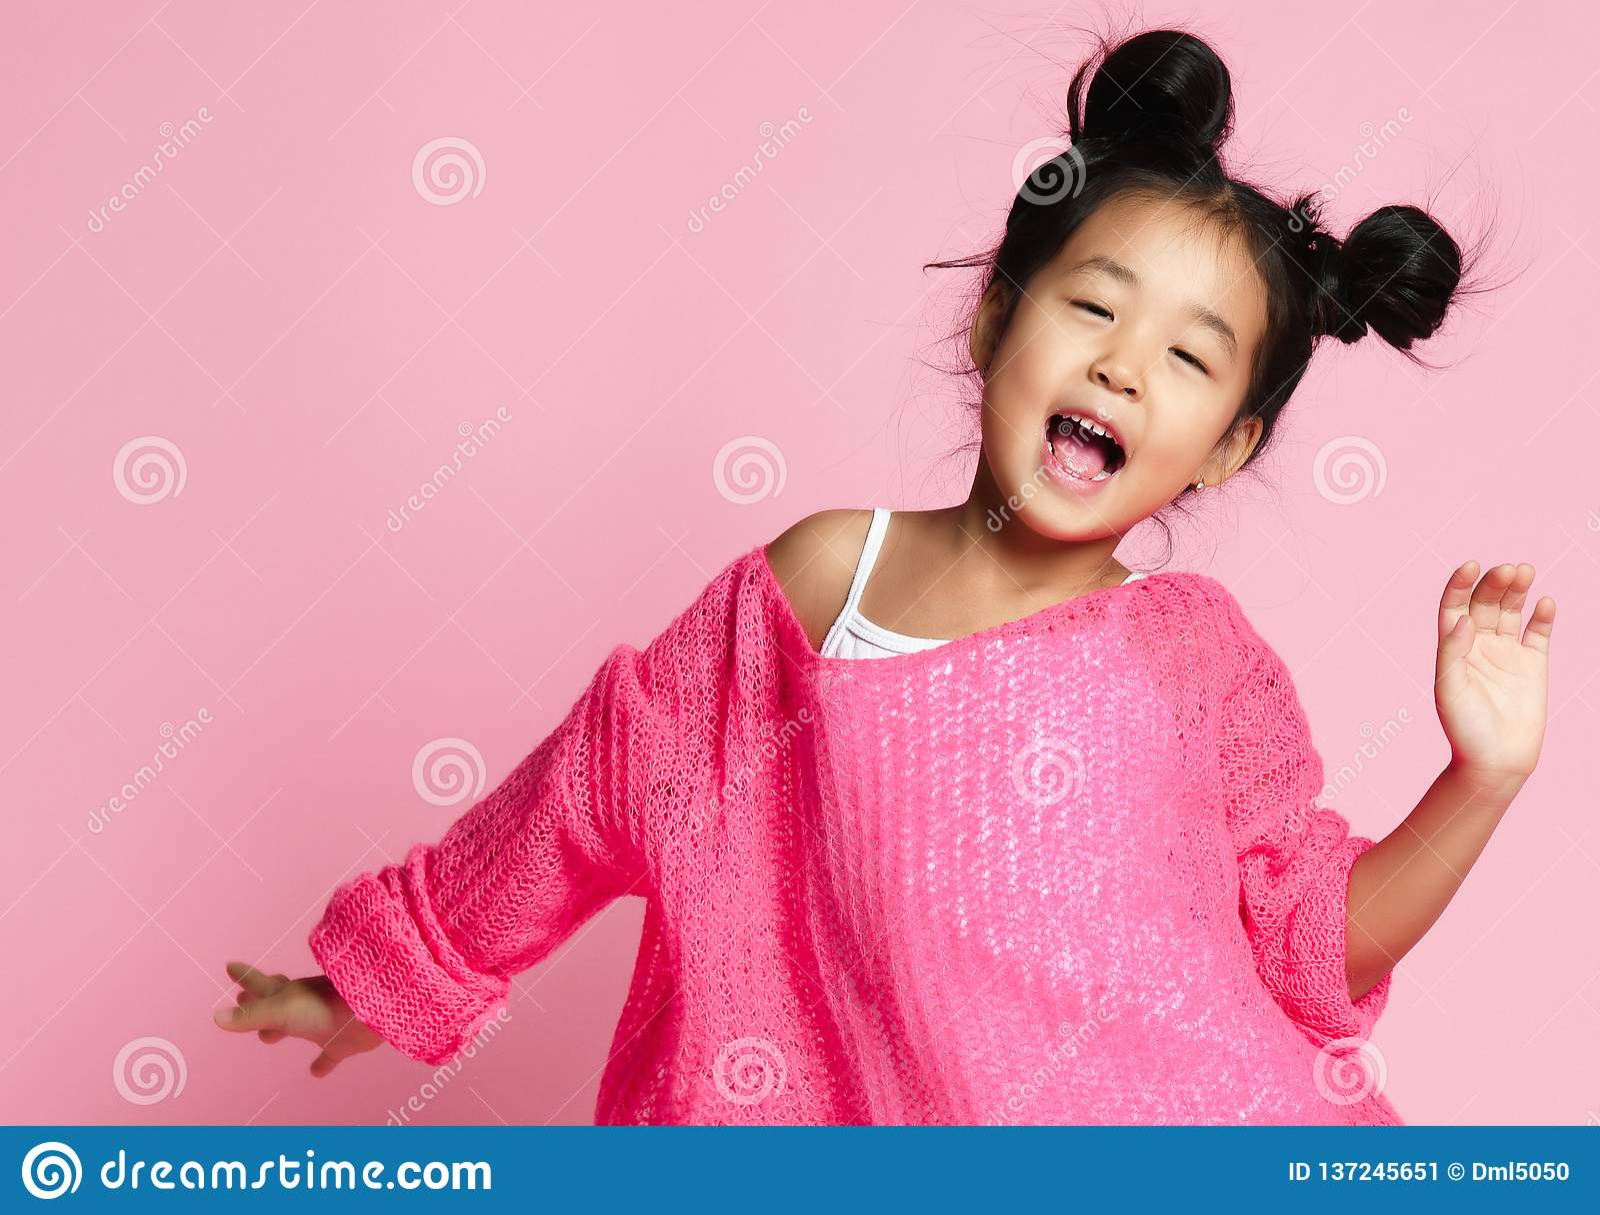 Το ασιατικό κορίτσι παιδιών στο ρόδινο πουλόβερ, τα άσπρα εσώρουχα και τα αστεία κουλούρια τραγουδά κλείστε επάνω